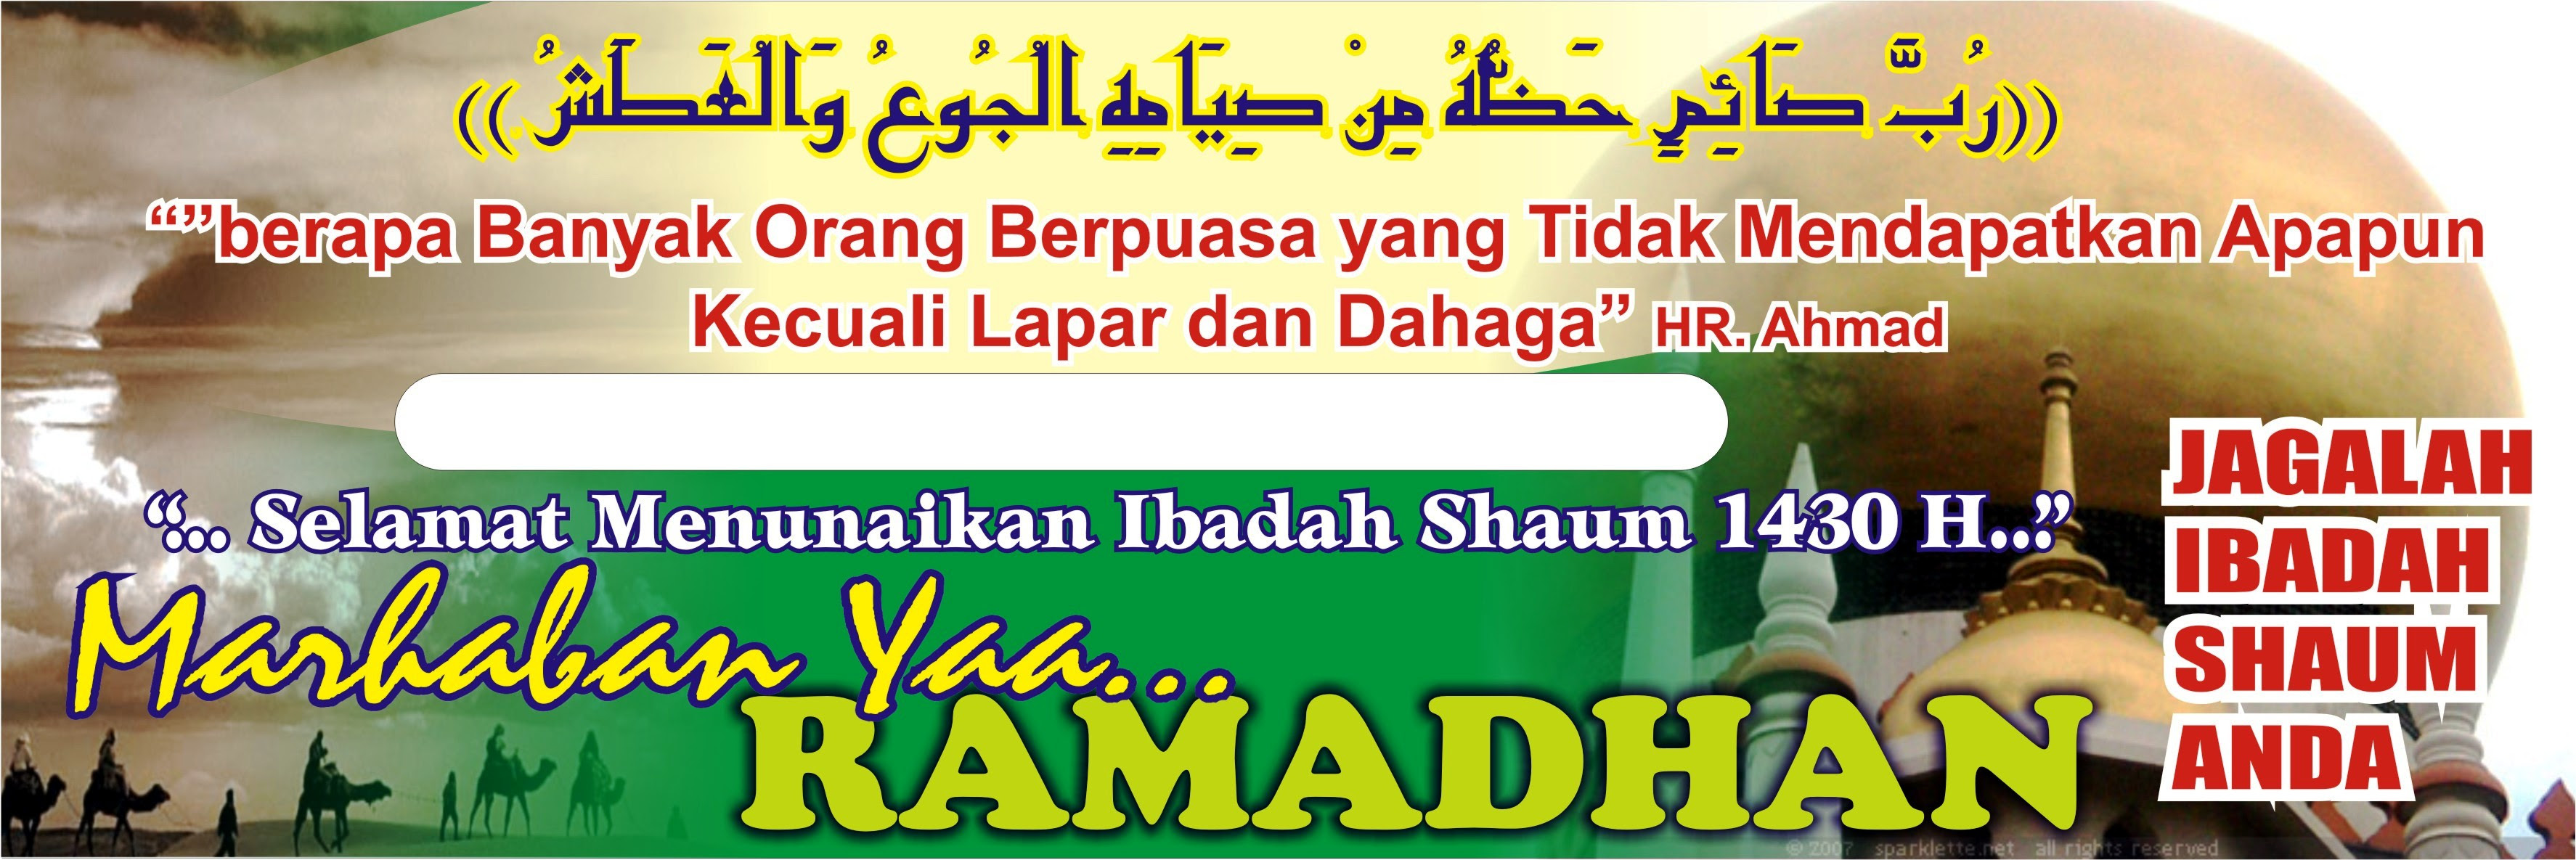 22 Selamat Datang Bulan Ramadhan Ideas Kata Mutiara Terbaru